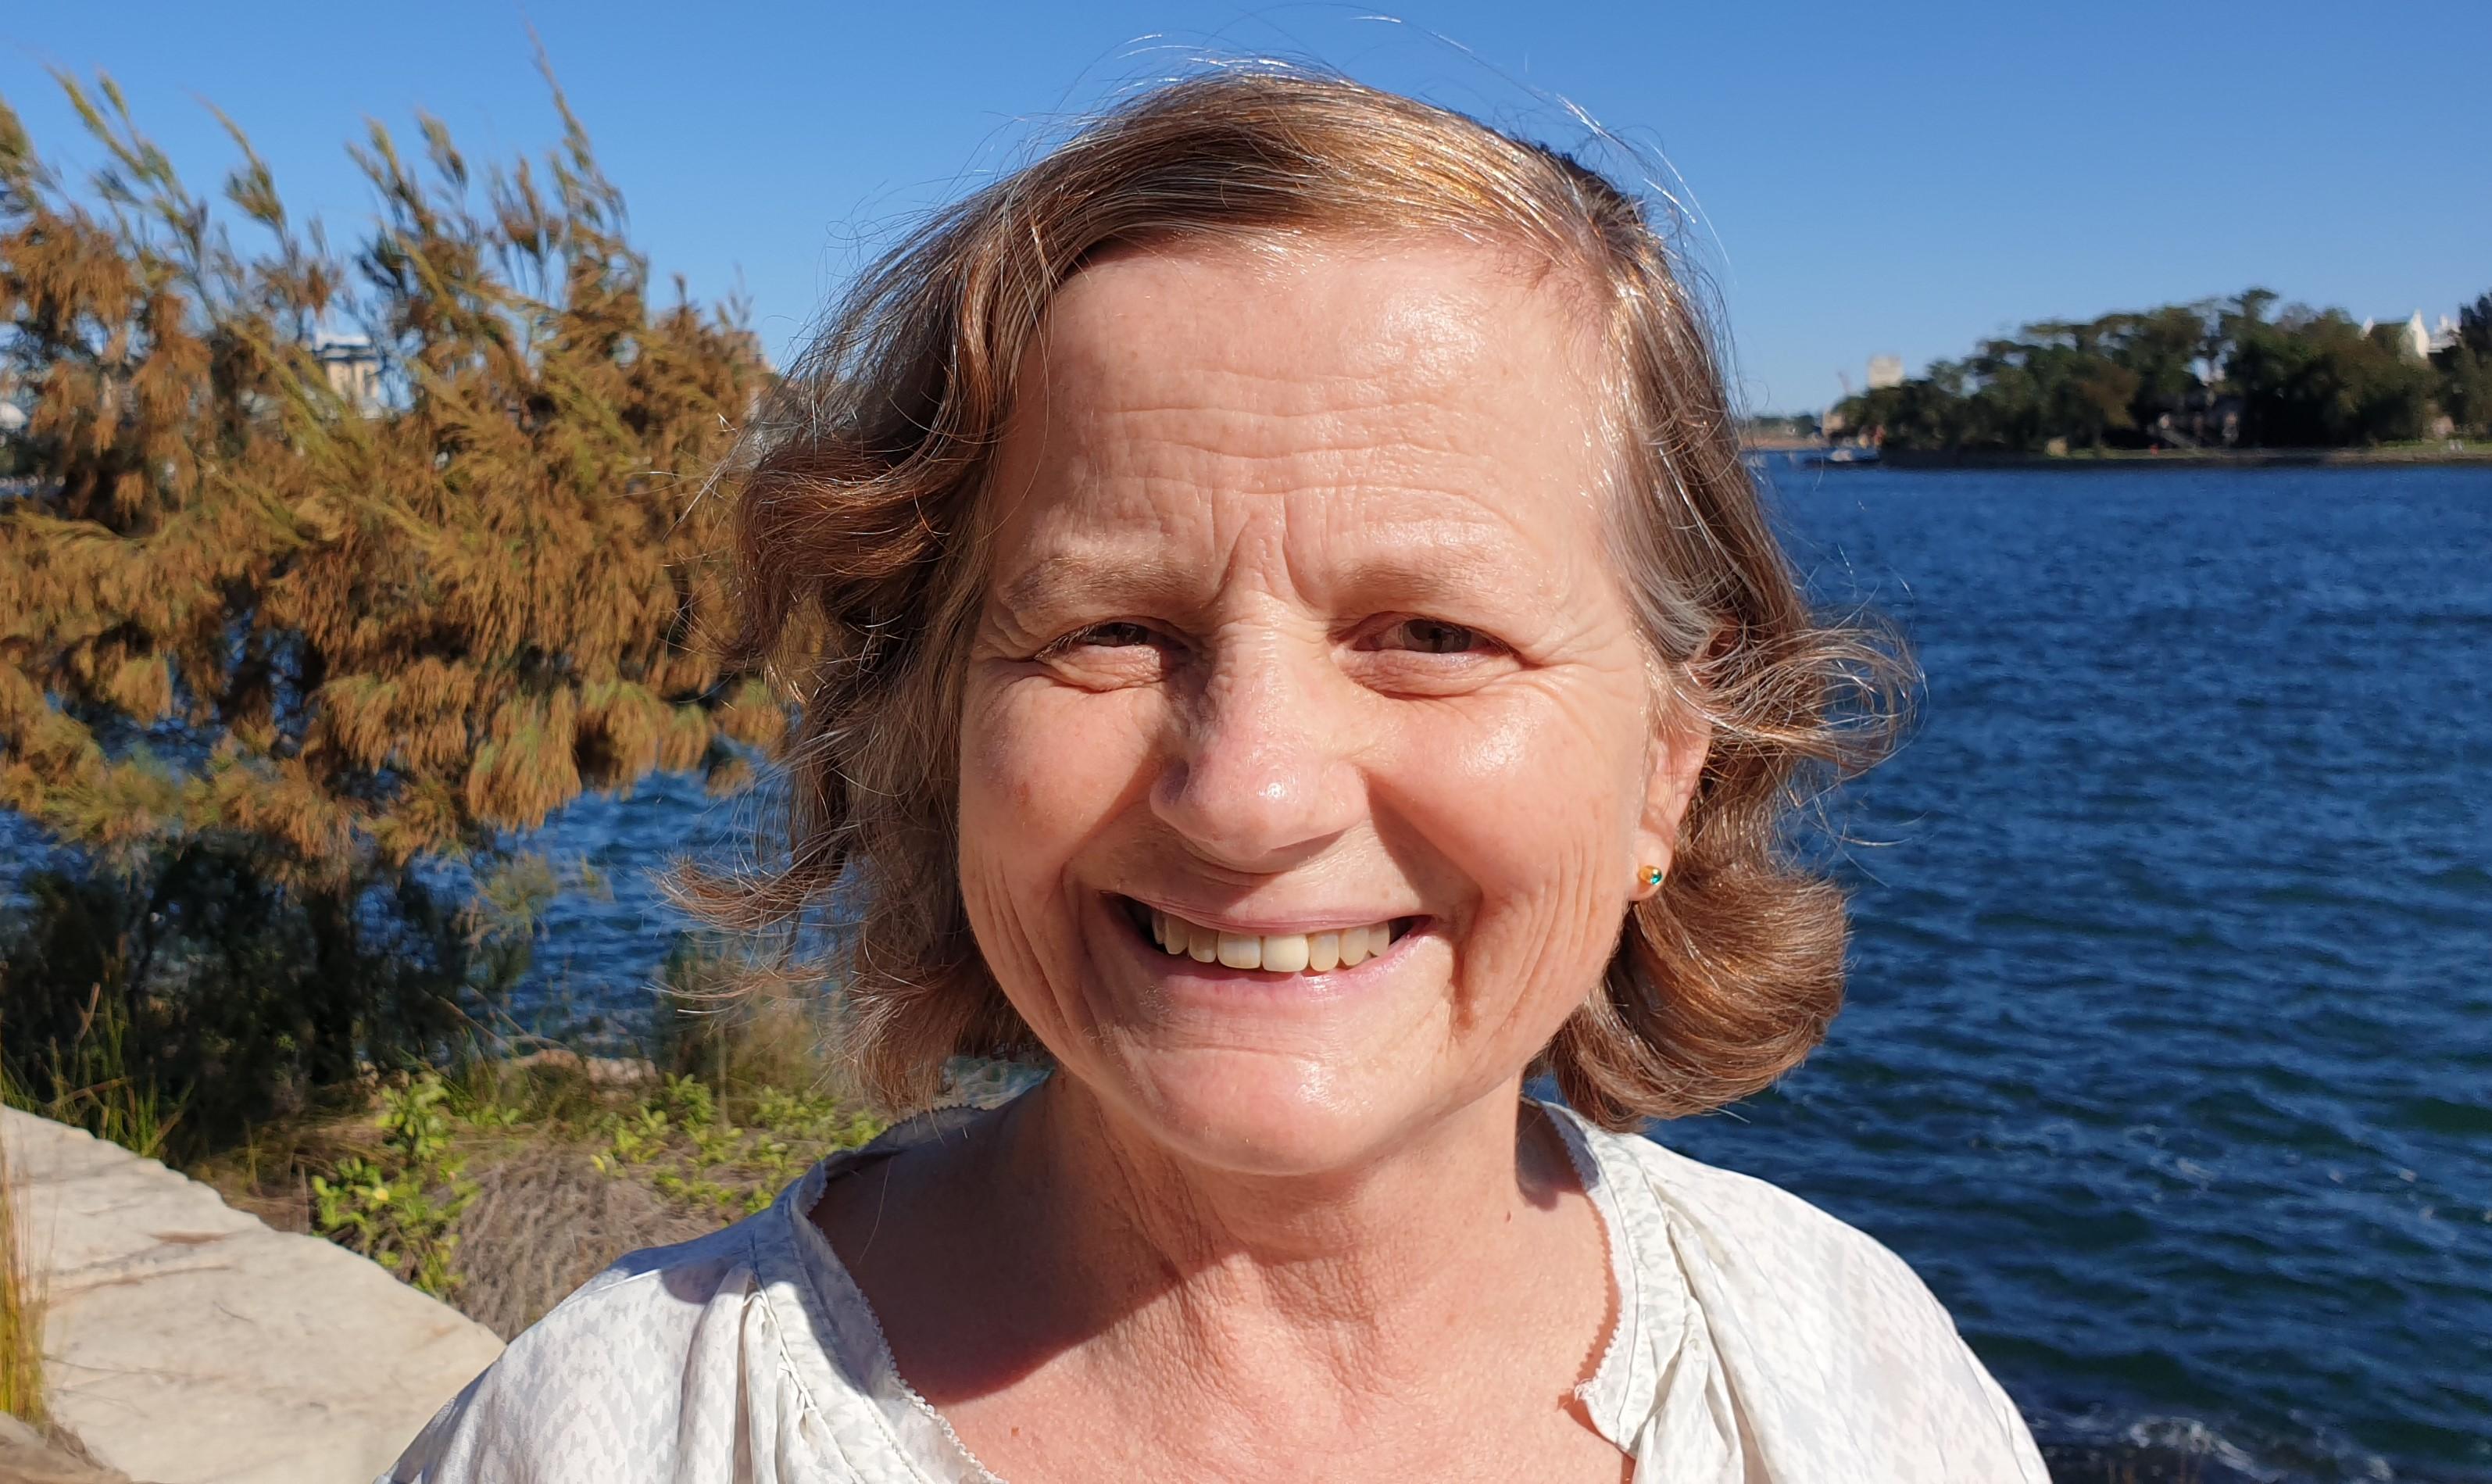 Deanne Gerber